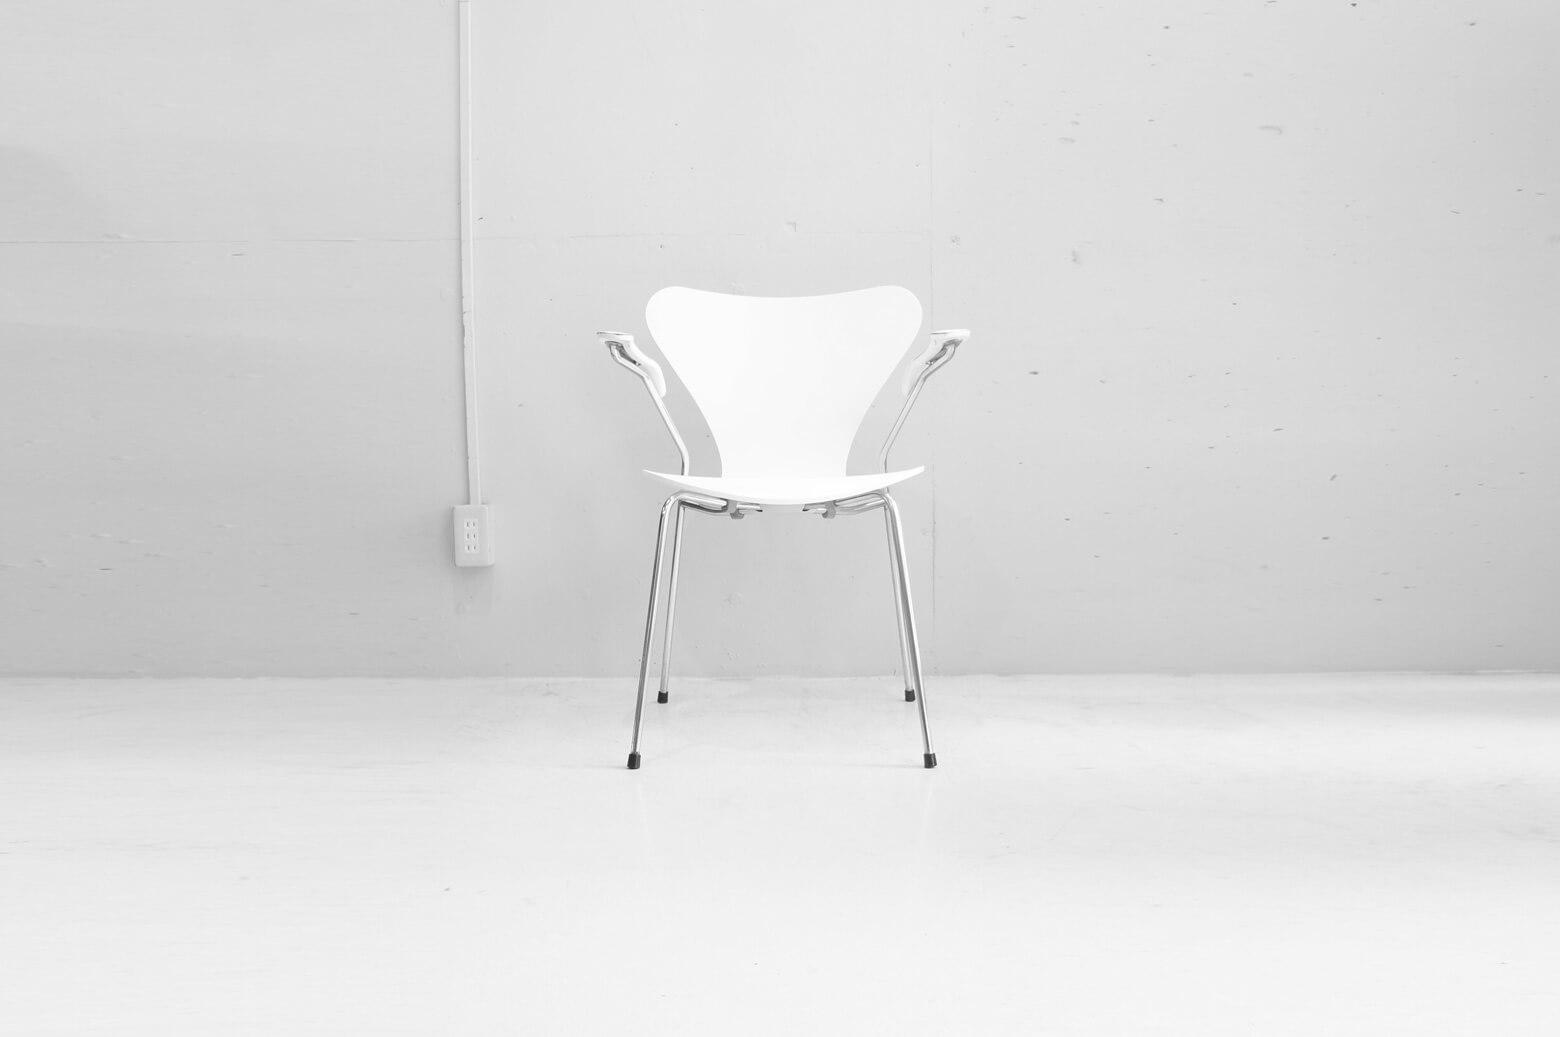 """1955年、アルネ・ヤコブセンが発表した名作チェア『セブンチェア』。 世界で初めて背もたれと座面の三次元一体成型をプライウッドを使うことにより実現した『アントチェア』の後継として作られました。 こちらはセブンチェアのなかでも意外と知られていないアーム付チェア。 後ろ脚からすっと伸びたアームが描く曲線が実に優美。 アームがあることでさらにゆったり座ることができるので、オフィスや書斎に特におすすめの一脚です。 全体的に傷や擦れ、黄ばみ、錆び、塗装のヒビや剥がれがございます。 古い物のため、上記のようなダメージがみられますが、使用には問題ございません。 成形合板独特の""""しなり""""が座り心地の良さを生む、セブンチェア。 オフィスやカフェなど様々な場所で使われているのを良く見かけますよね。 座り心地の他にも、木材やカラーのバリエーションの豊富さ、スタッキングができる便利さなど… セブンチェアには選ばれる理由がたくさんあります。 ~【東京都杉並区阿佐ヶ谷北アンティークショップ 古一】 古一/ふるいちでは出張無料買取も行っております。杉並区周辺はもちろん、世田谷区・目黒区・武蔵野市・新宿区等の東京近郊のお見積もりも!ビンテージ家具・インテリア雑貨・ランプ・USED品・ リサイクルなら古一/フルイチへ~"""